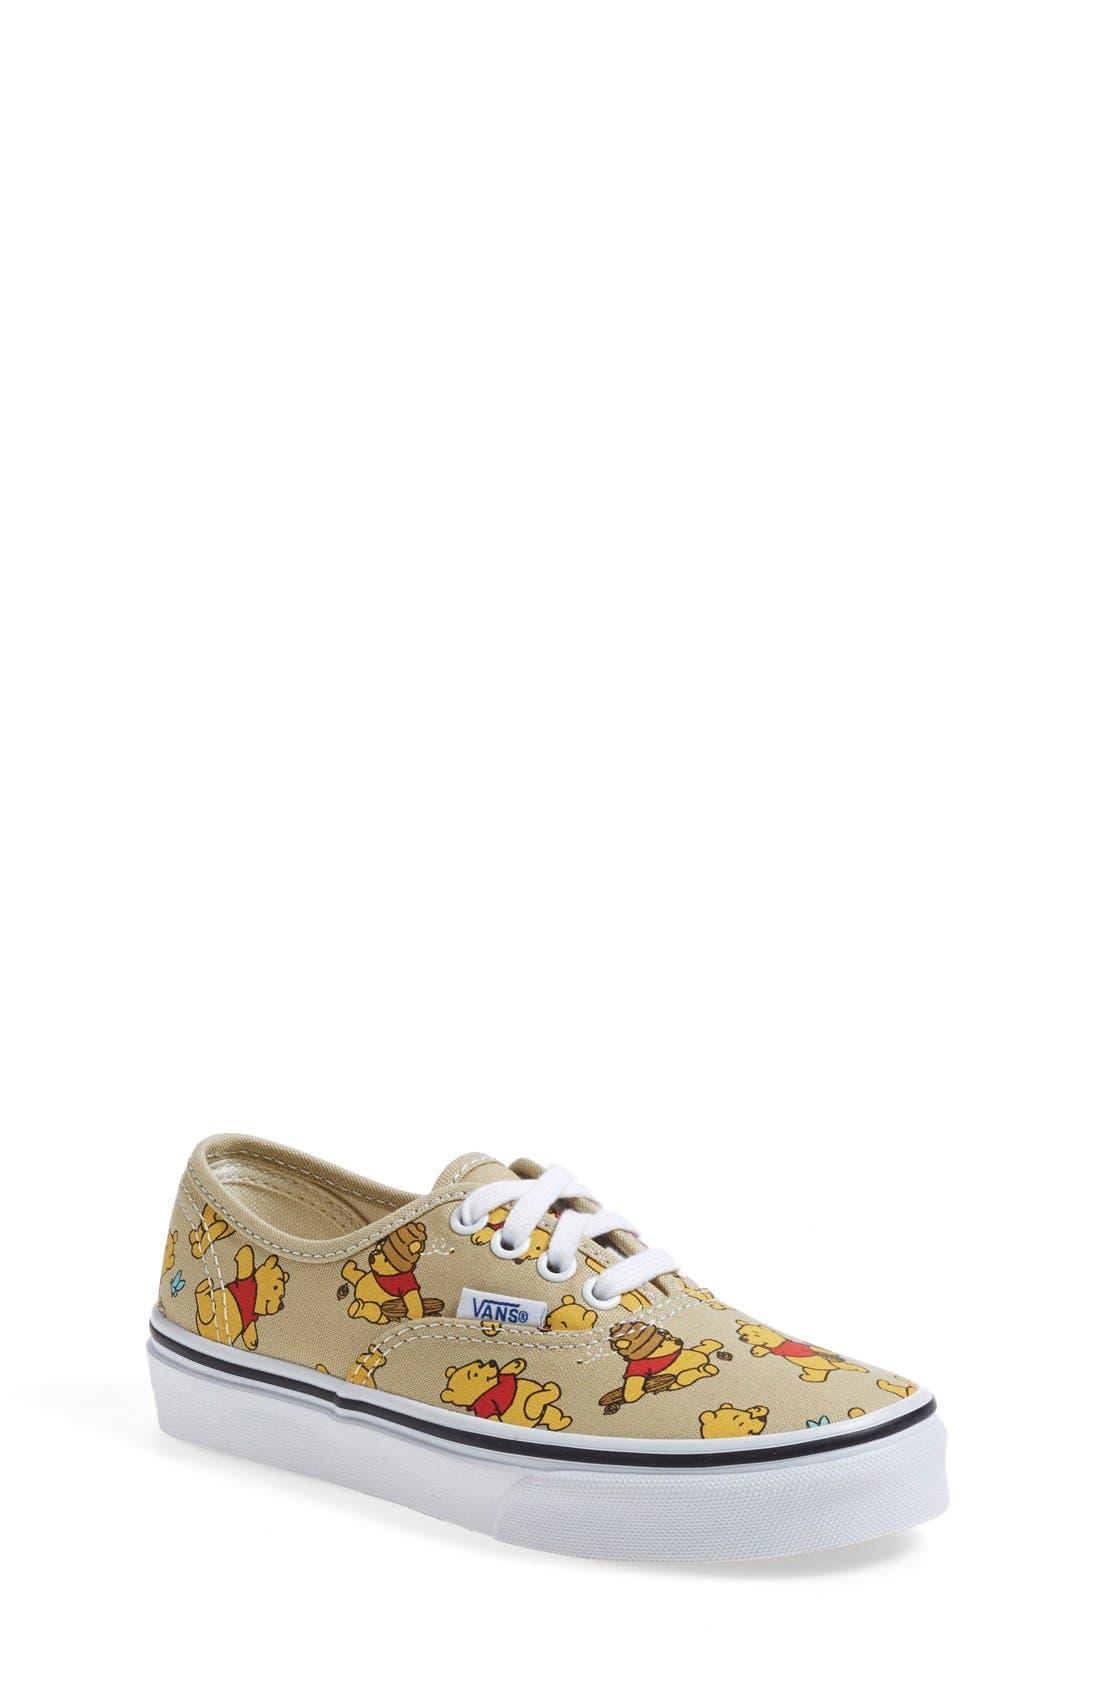 vans x disney winnie the pooh authentic shoes